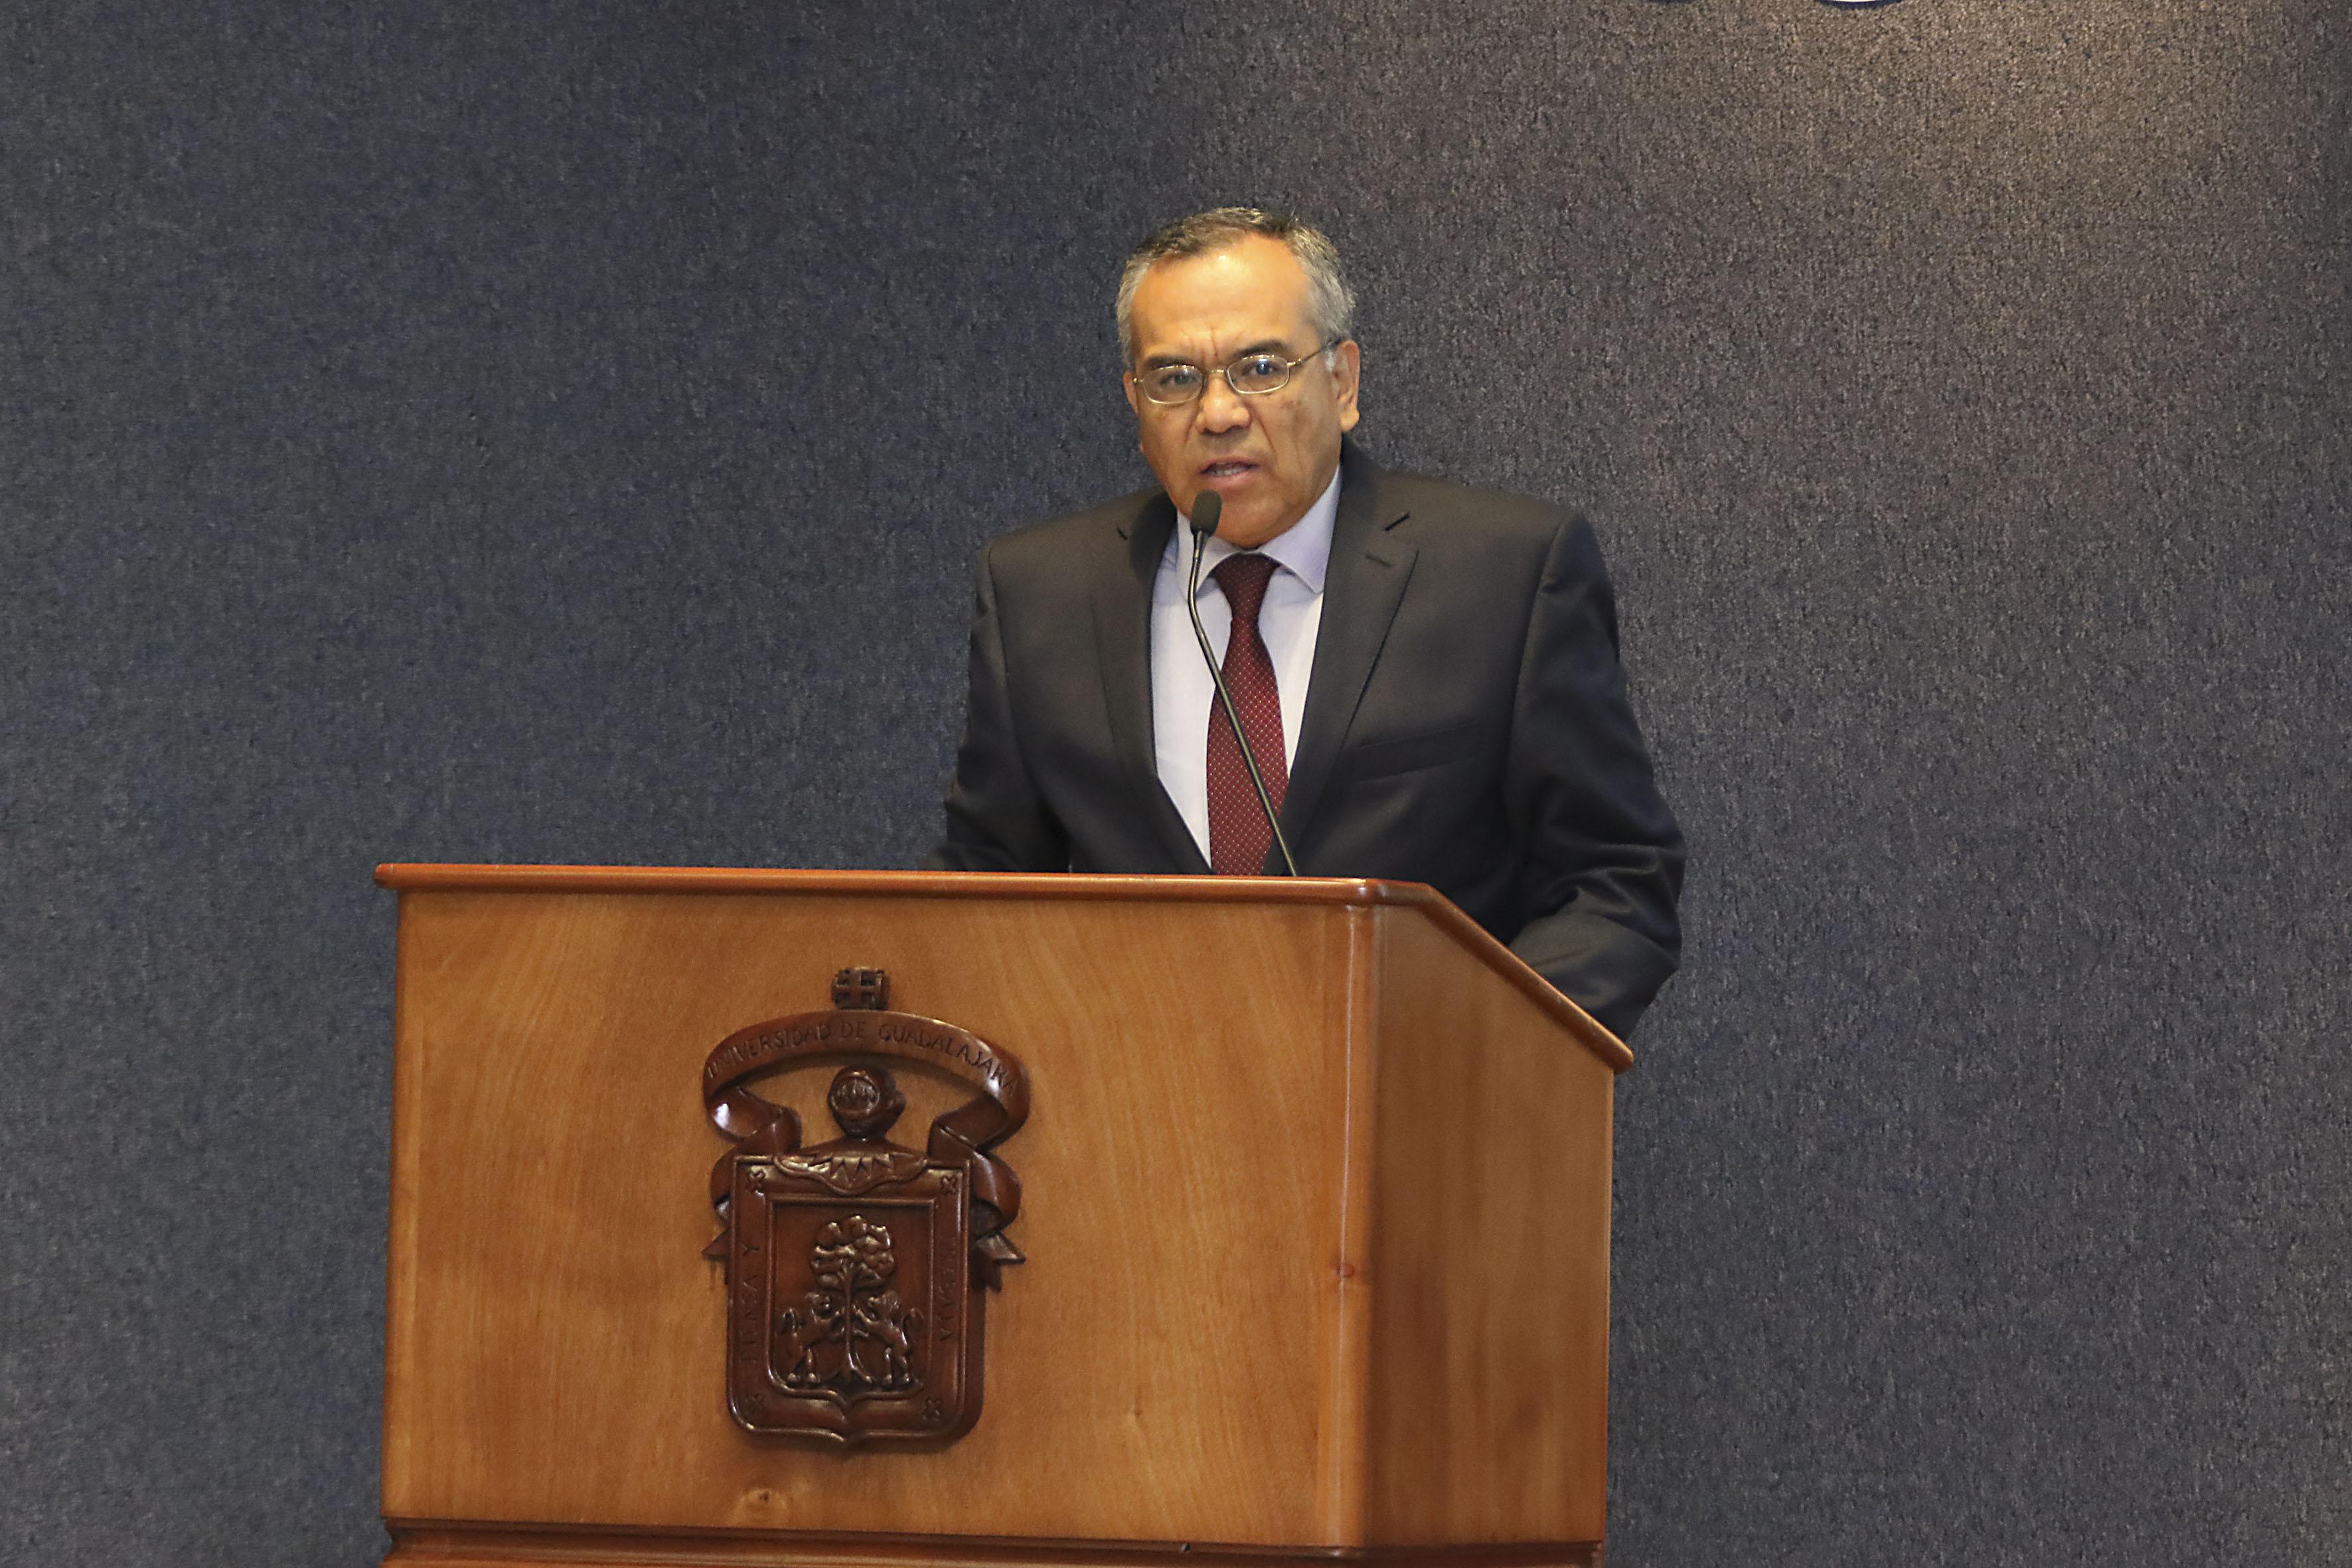 Doctor Adrián de León Arias, Director de la División en Gestión Empresarial, haciendo uso de la palabra